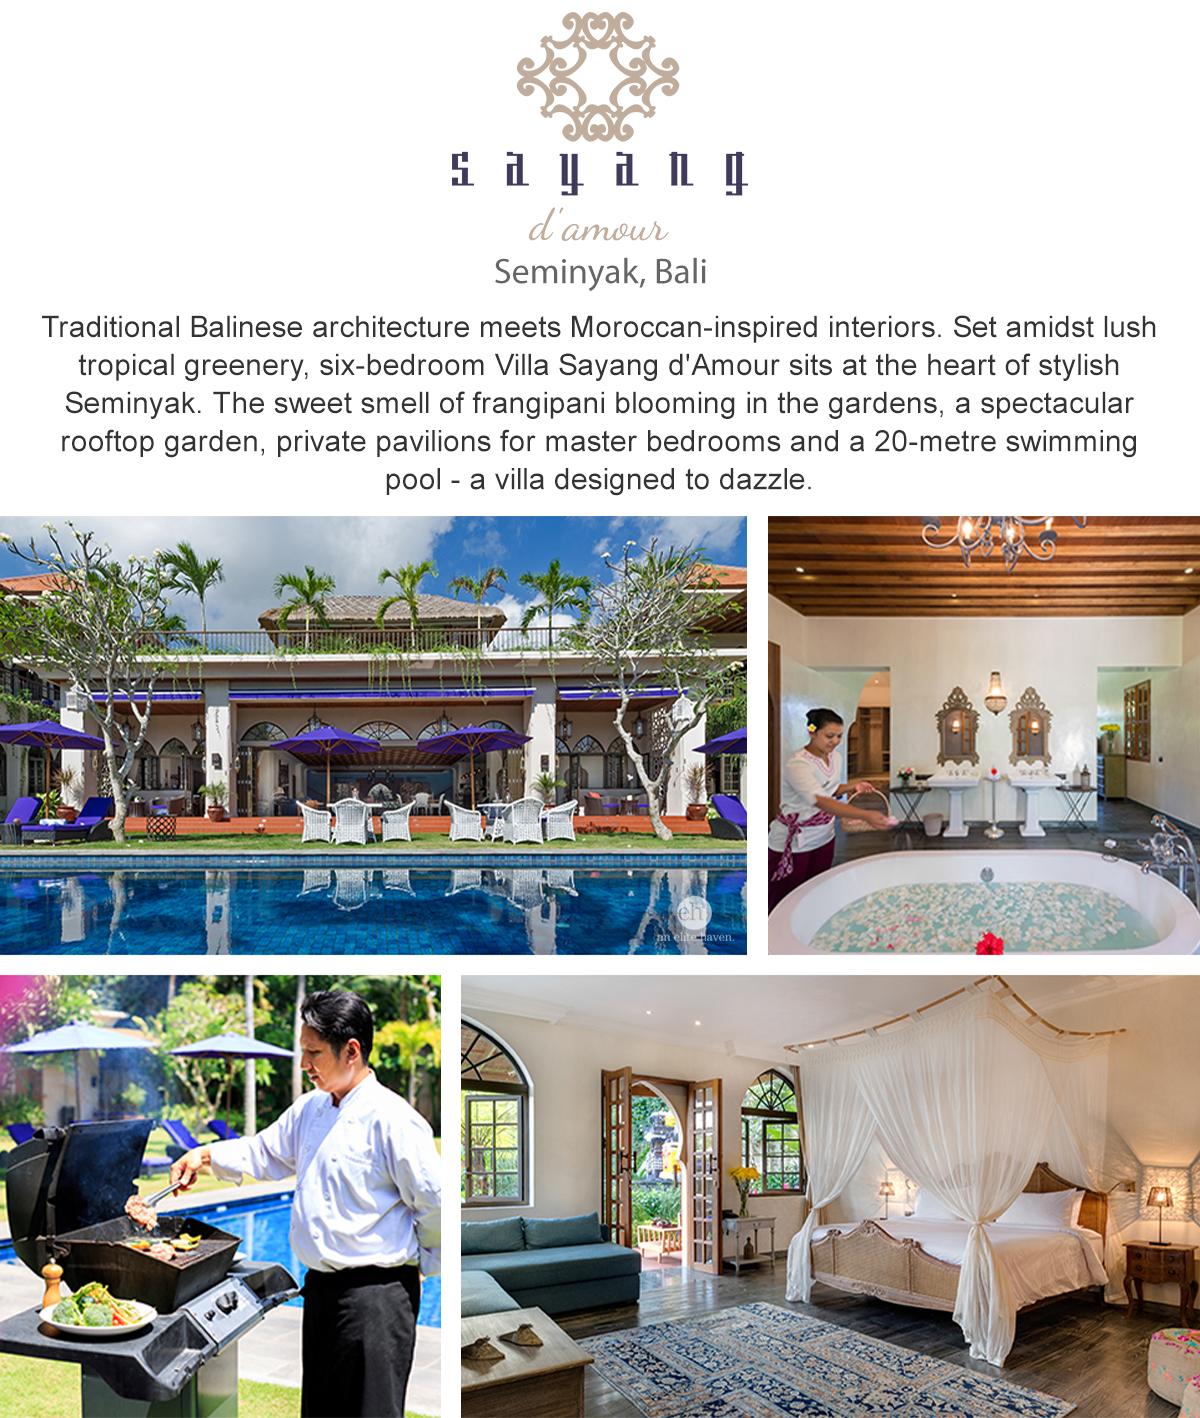 Villa Sayang dAmour - Seminyak, Bali